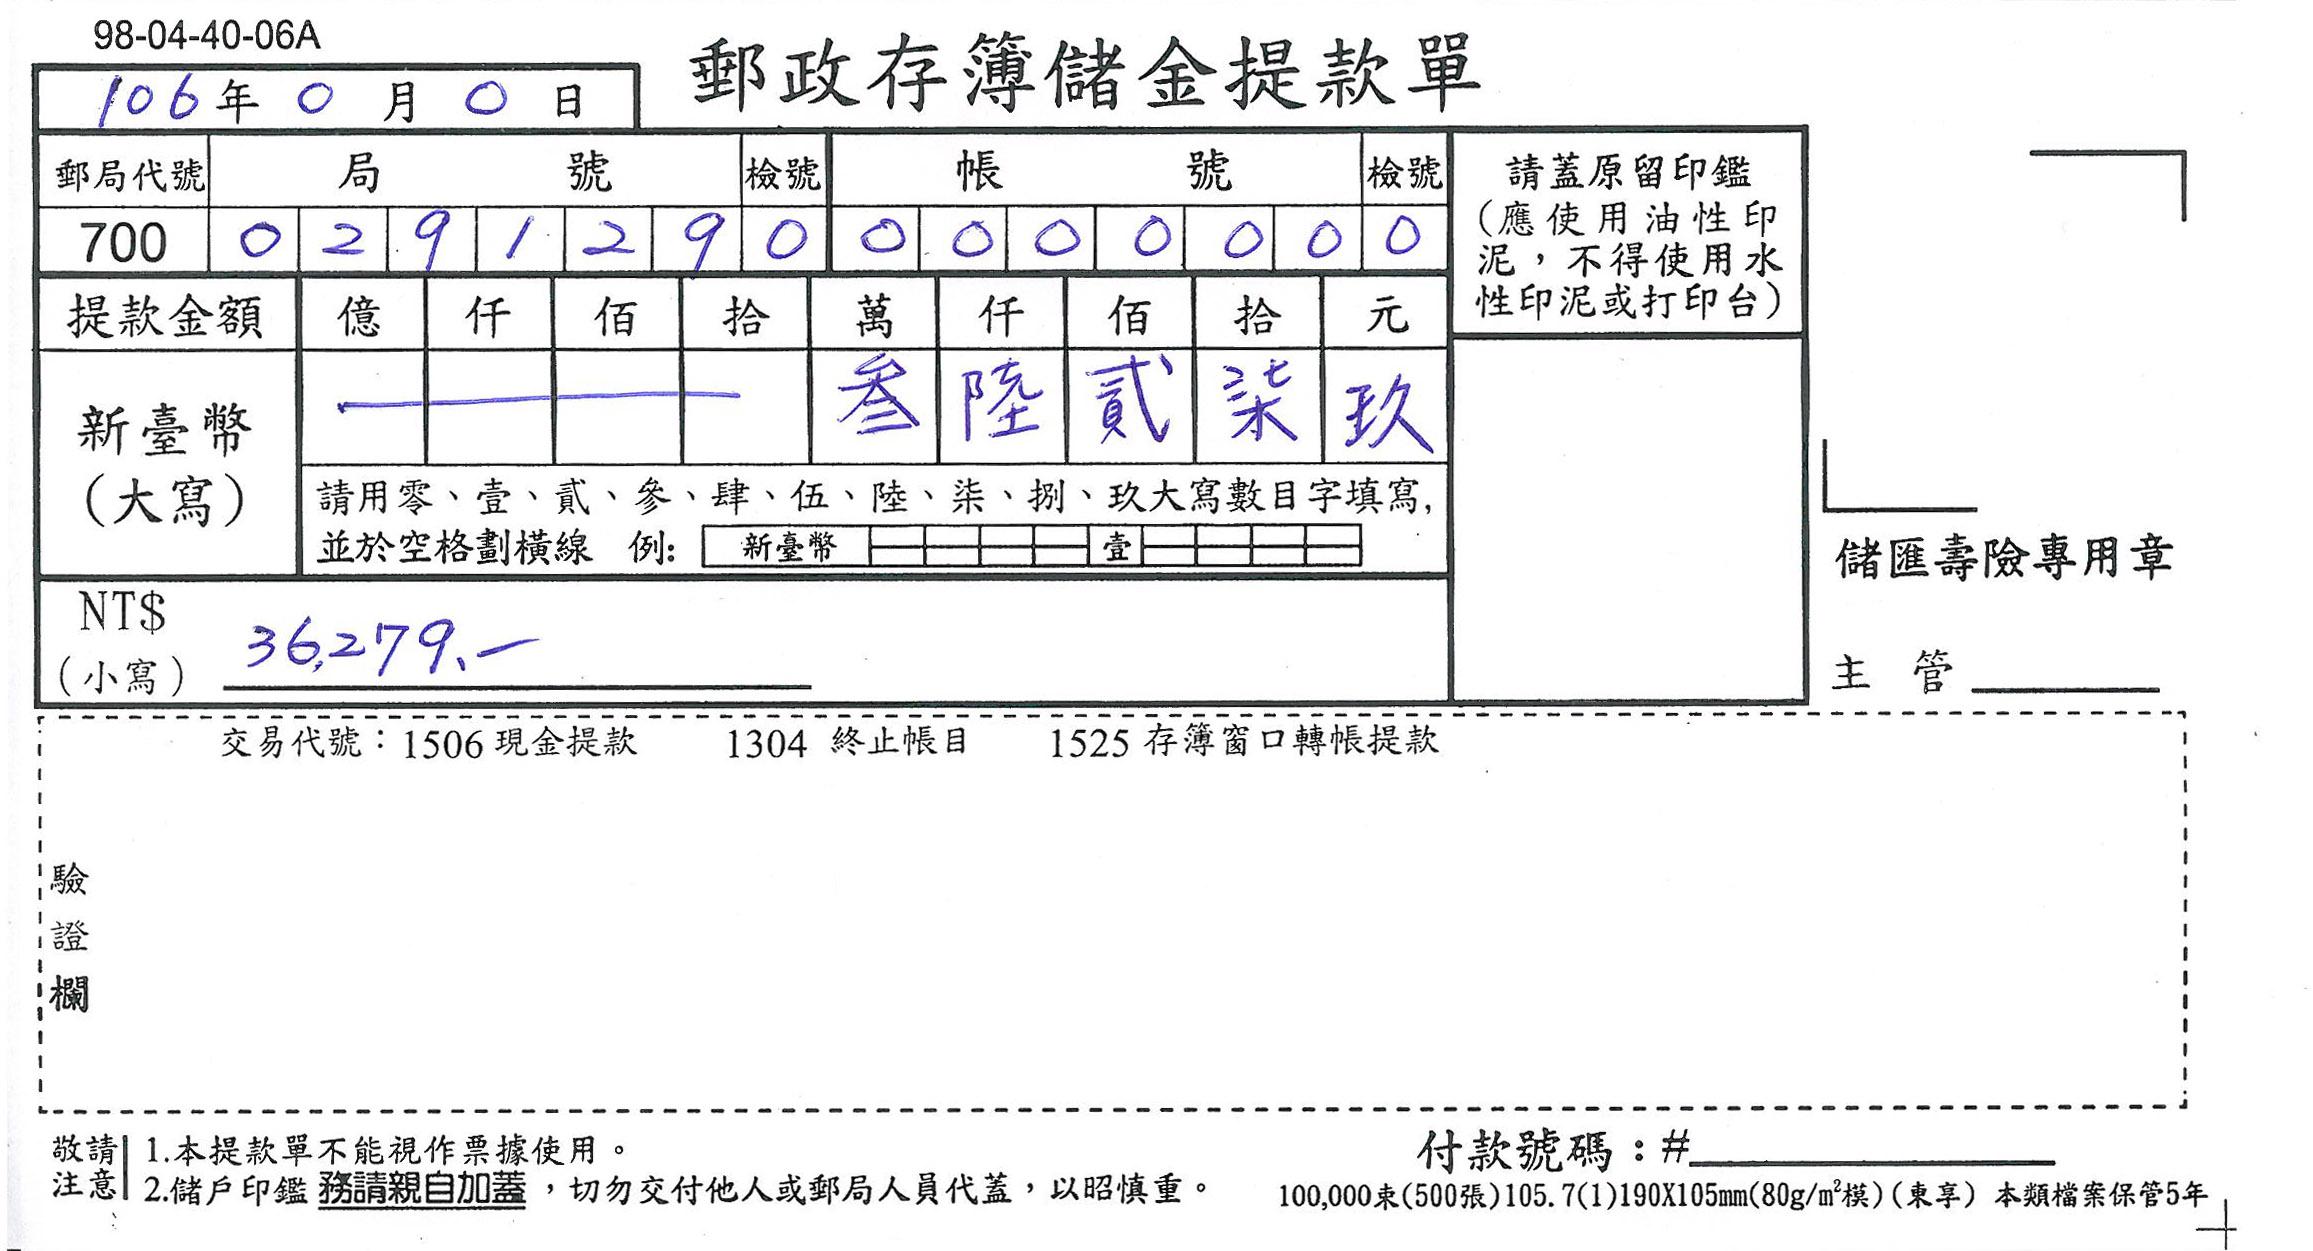 郵政儲金提款單